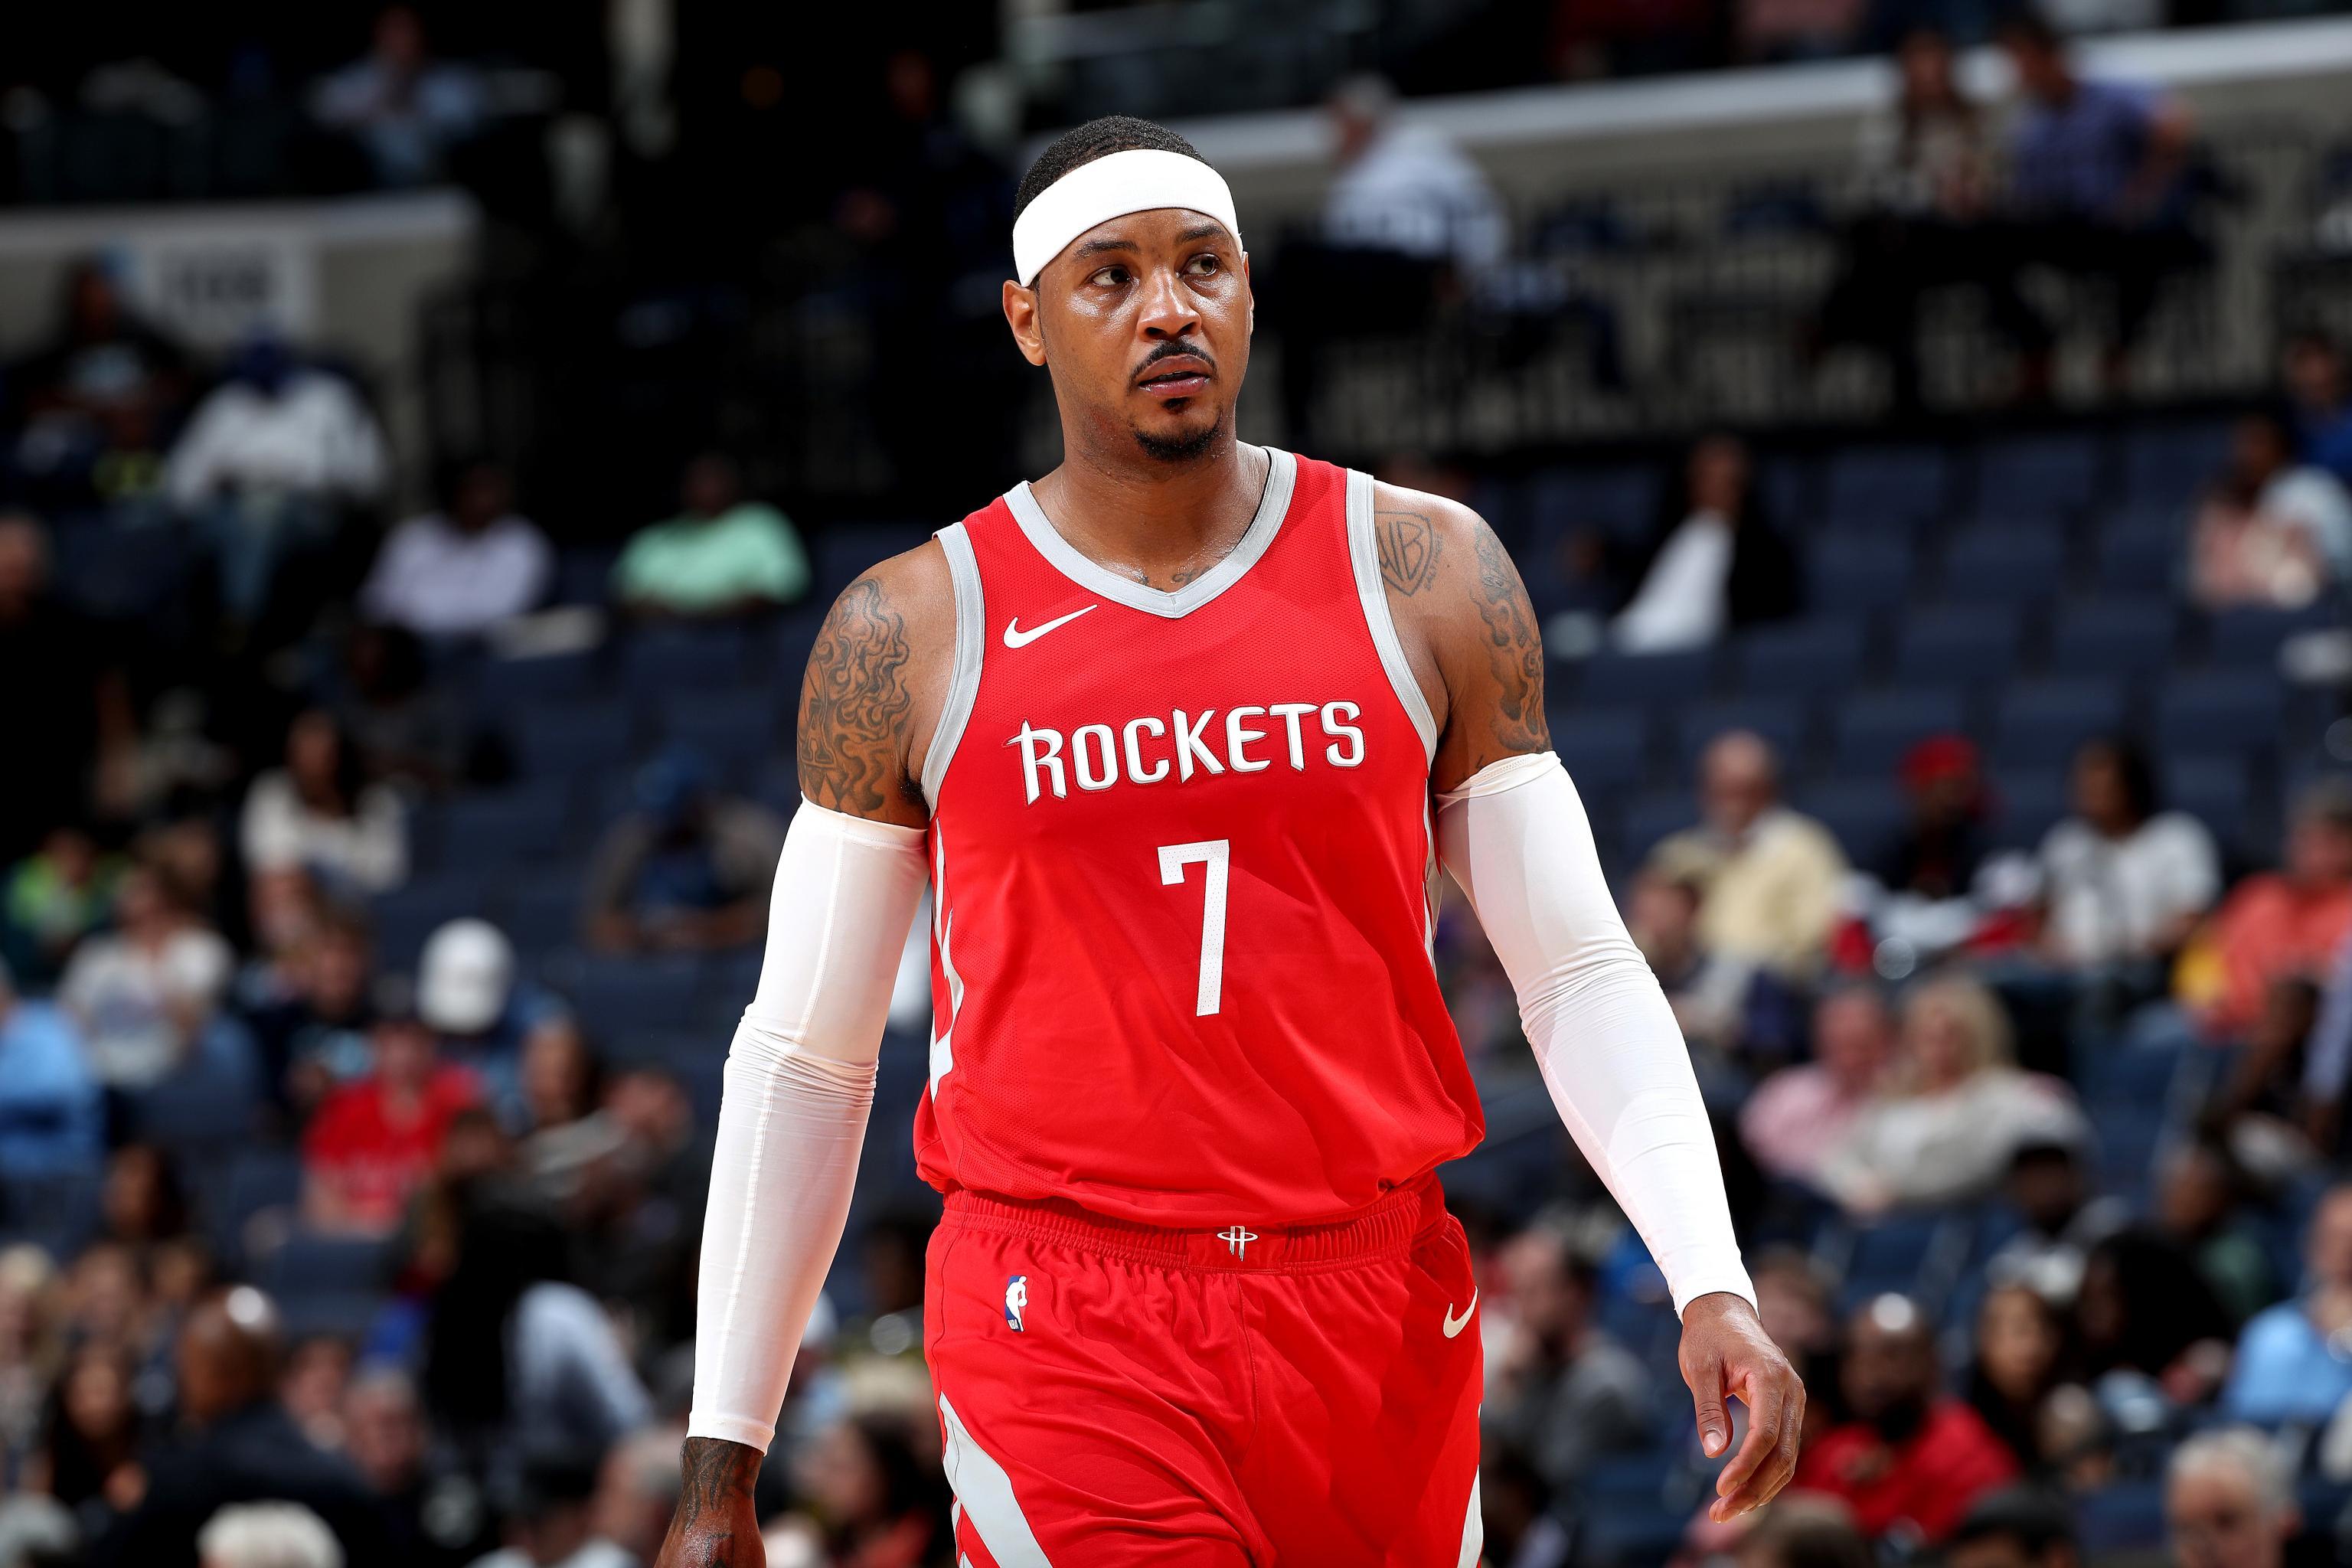 Resultado de imagen para Carmelo Anthony, Houston Rockets (2018)